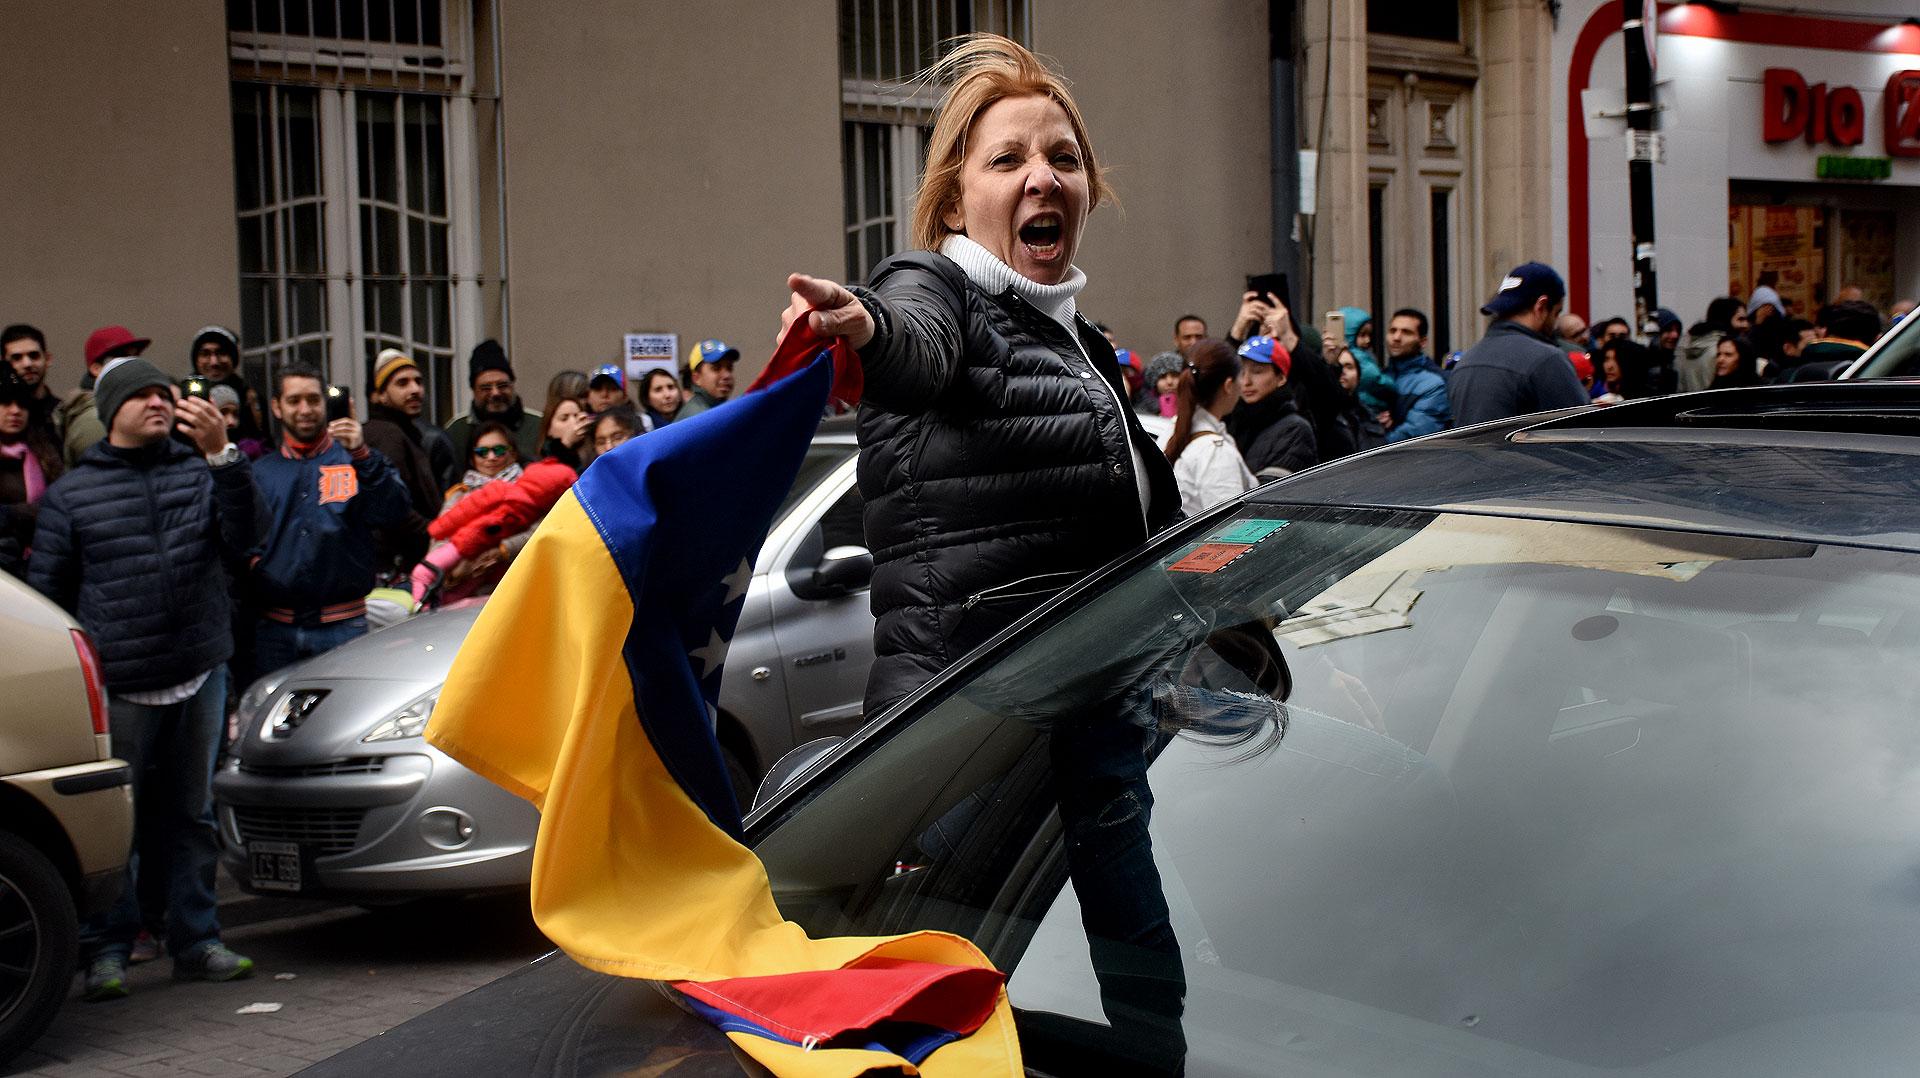 Miles de venezolanos se volcaron a las calles de Buenos Aires para oponerse a la Constituyente de Nicolás Maduro. La consulta popular impulsada por la mayoría opositora en el Parlamento se realizó en Venezuela y en más de 200 ciudades del mundo